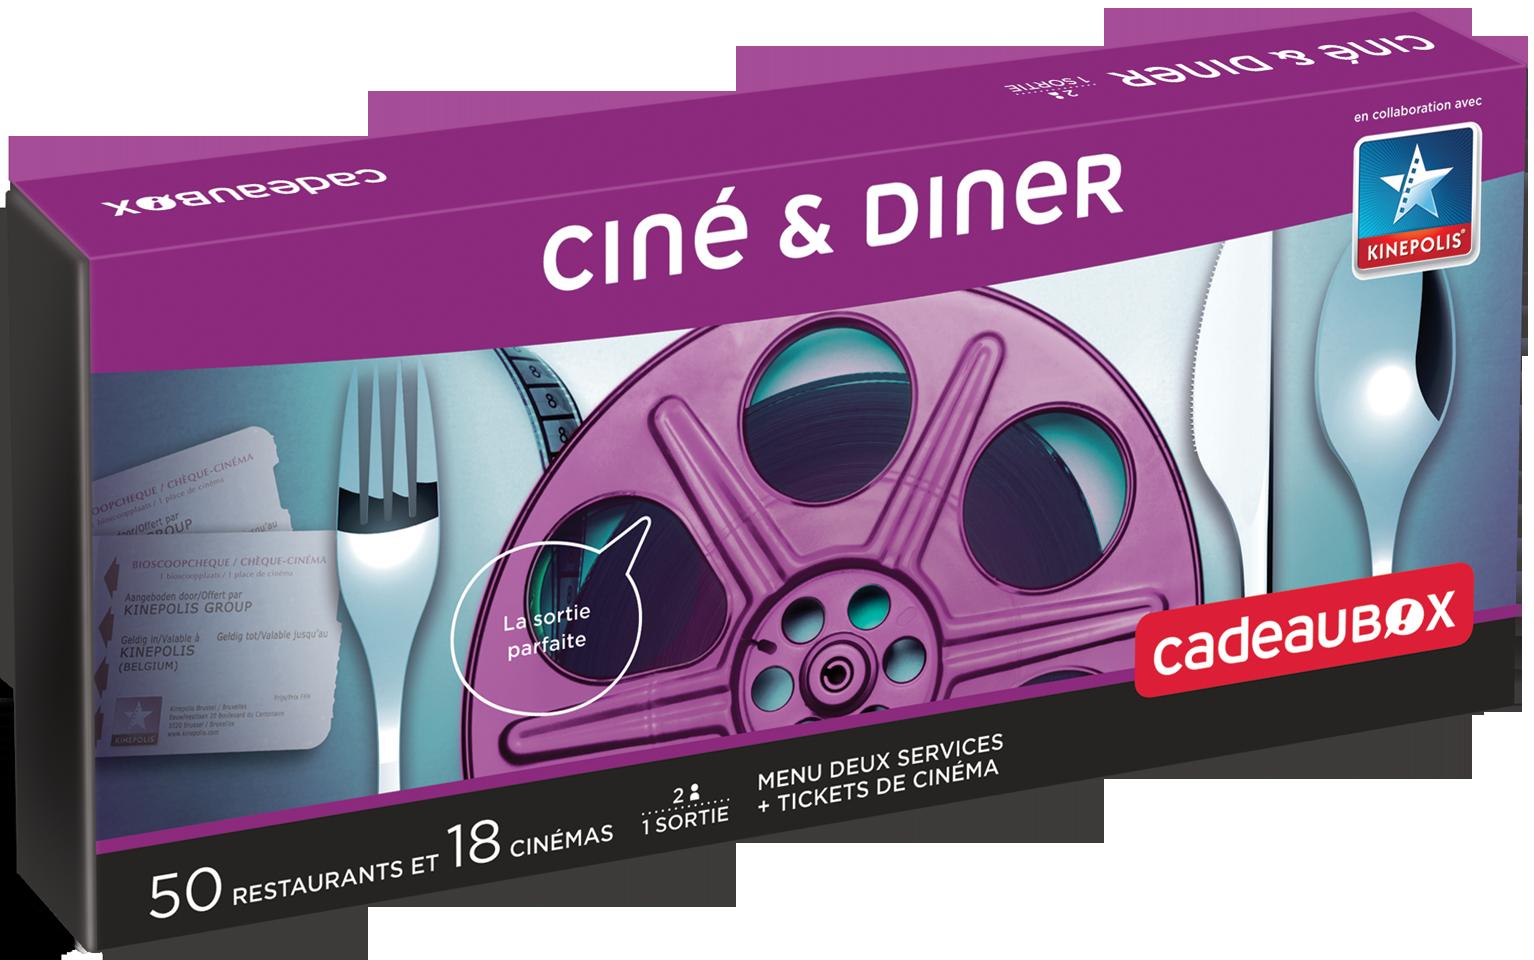 Cine_en_Diner_FR.png